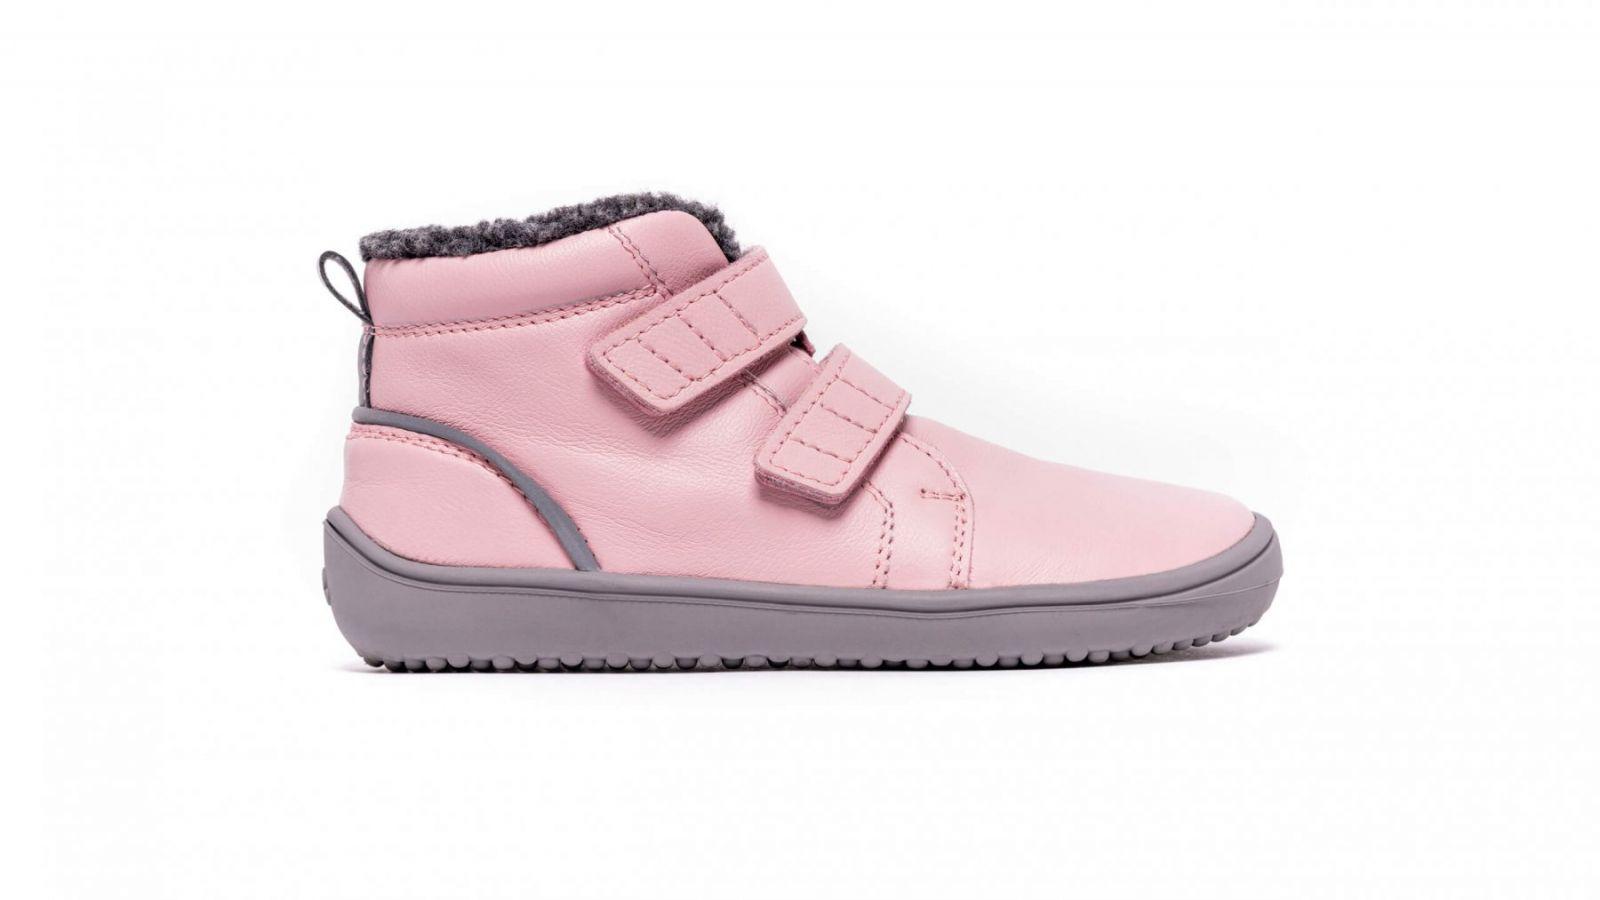 Barefoot Dětské zimní barefoot boty Be Lenka Penguin - Pink bosá